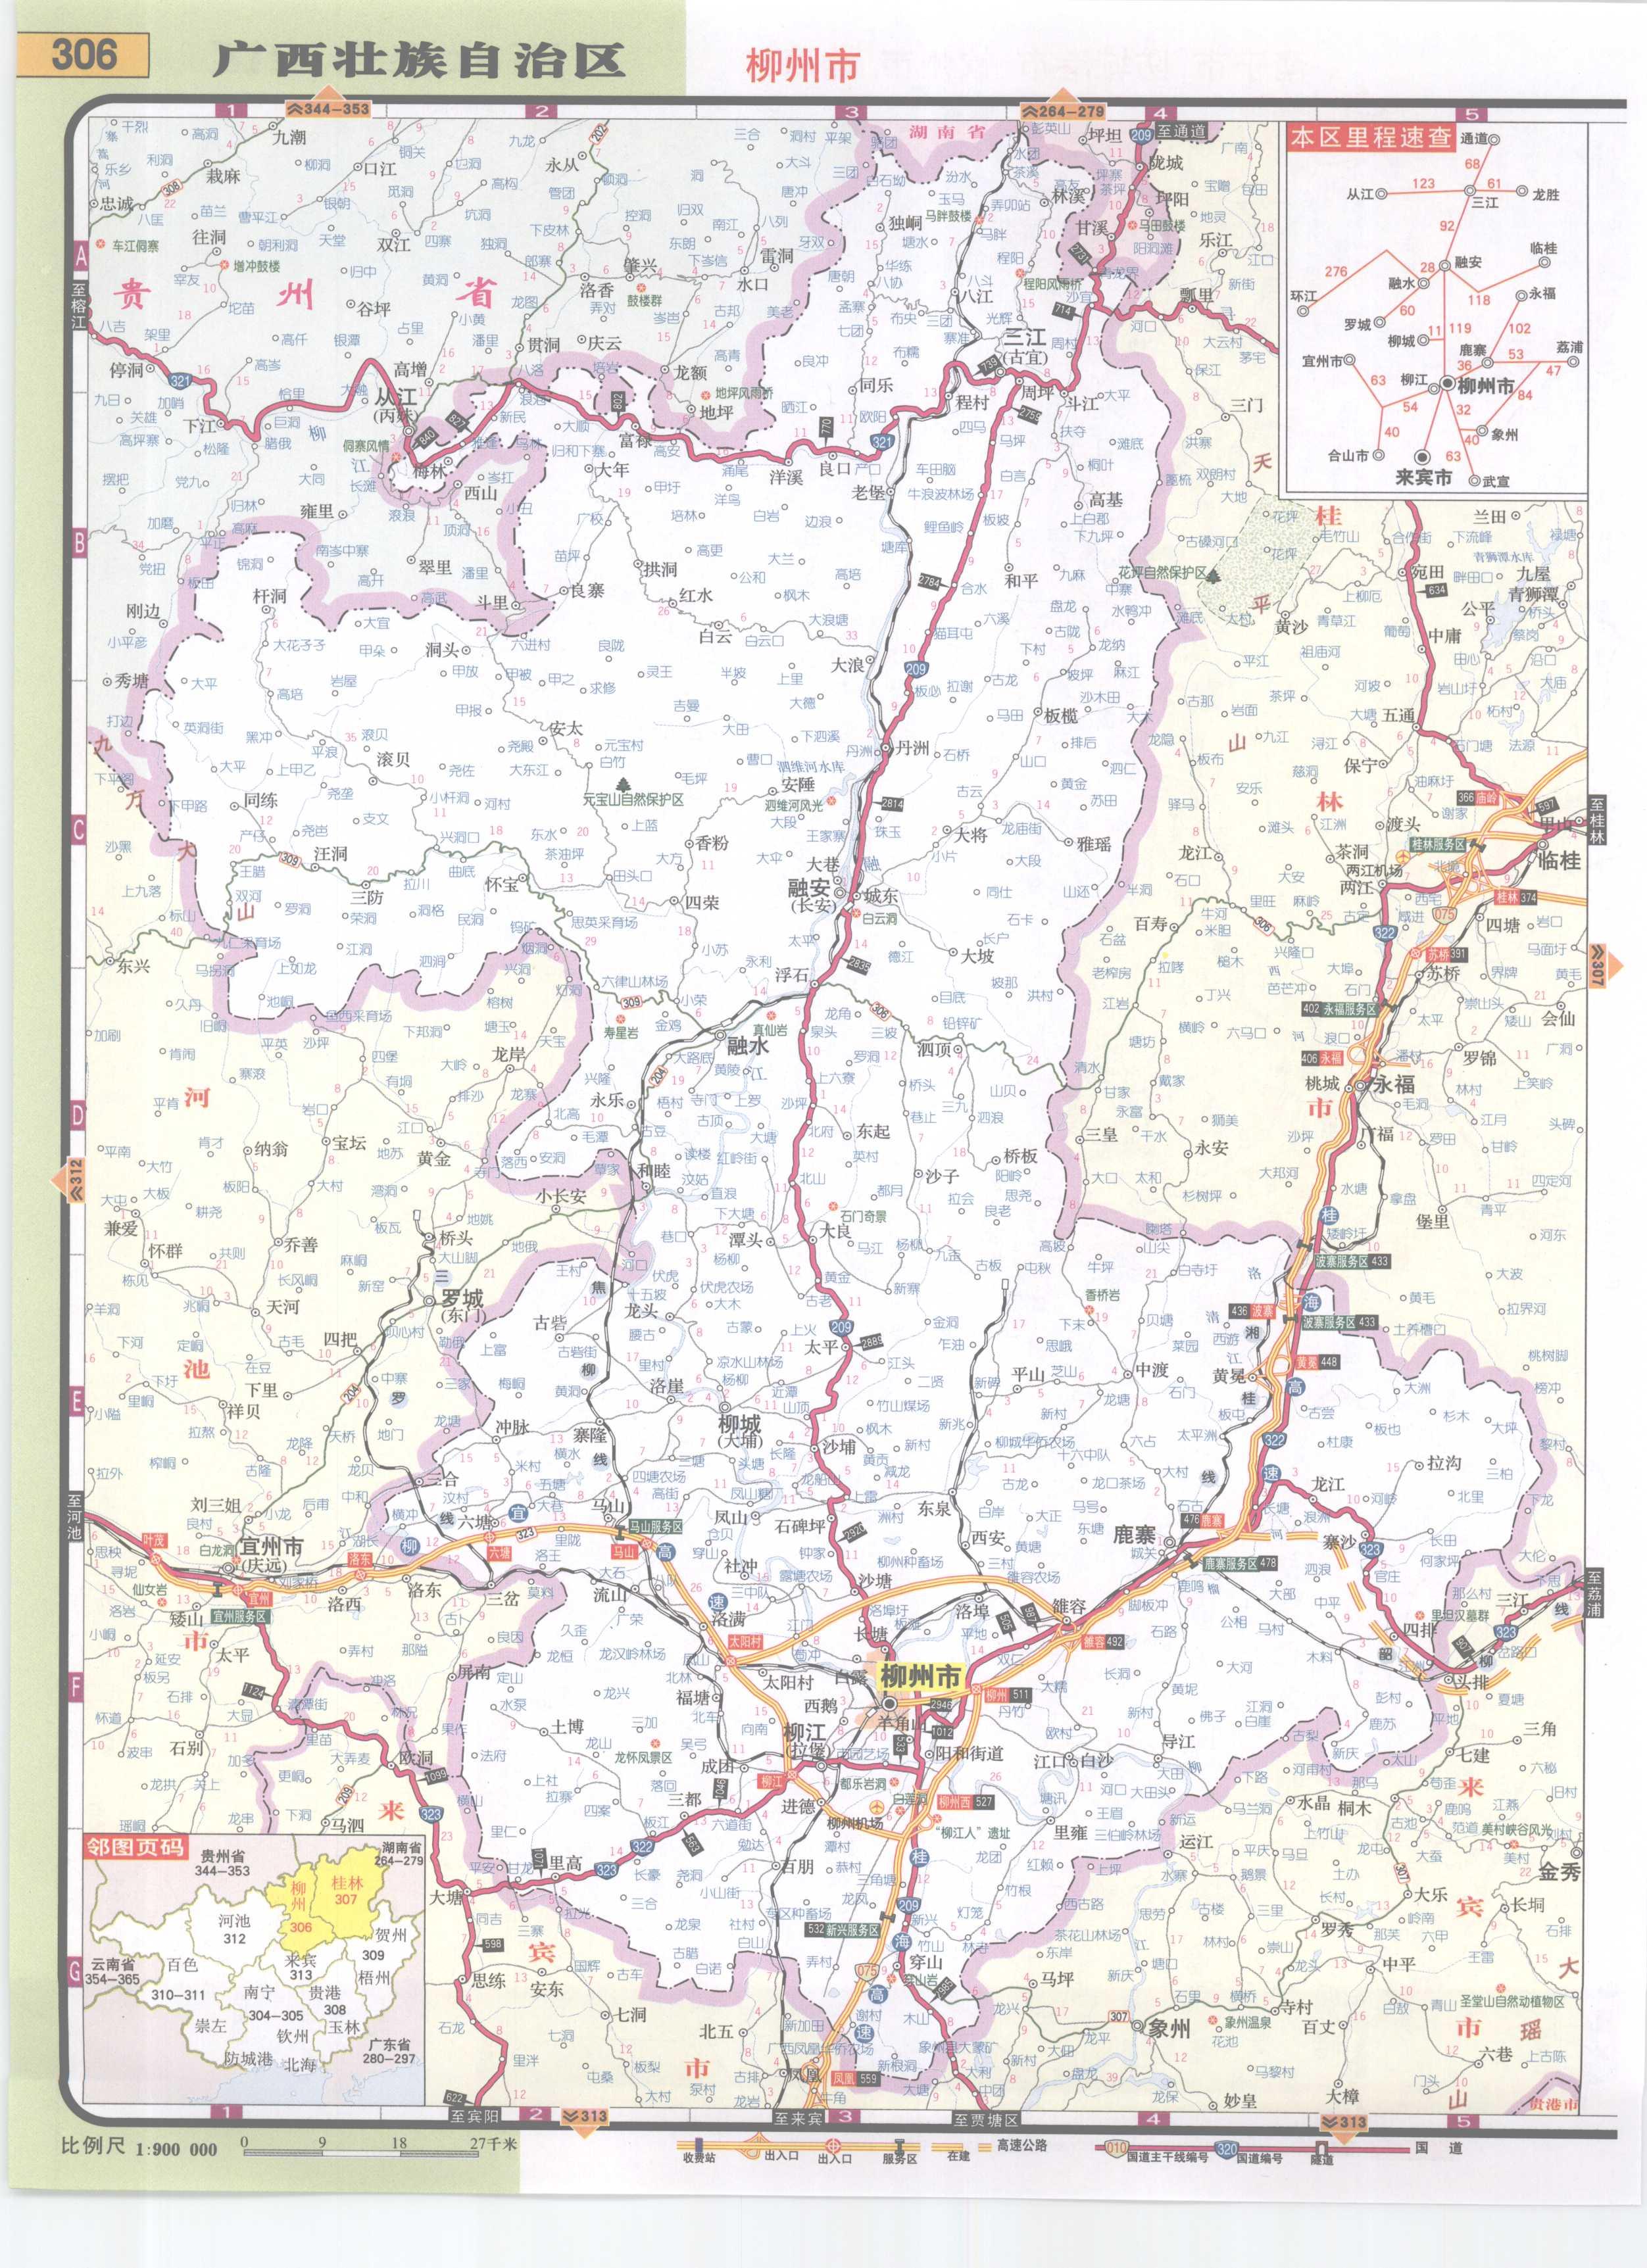 广西玉铁高速公路图_广西最新高速路地图图片展示_广西最新高速路地图图片下载